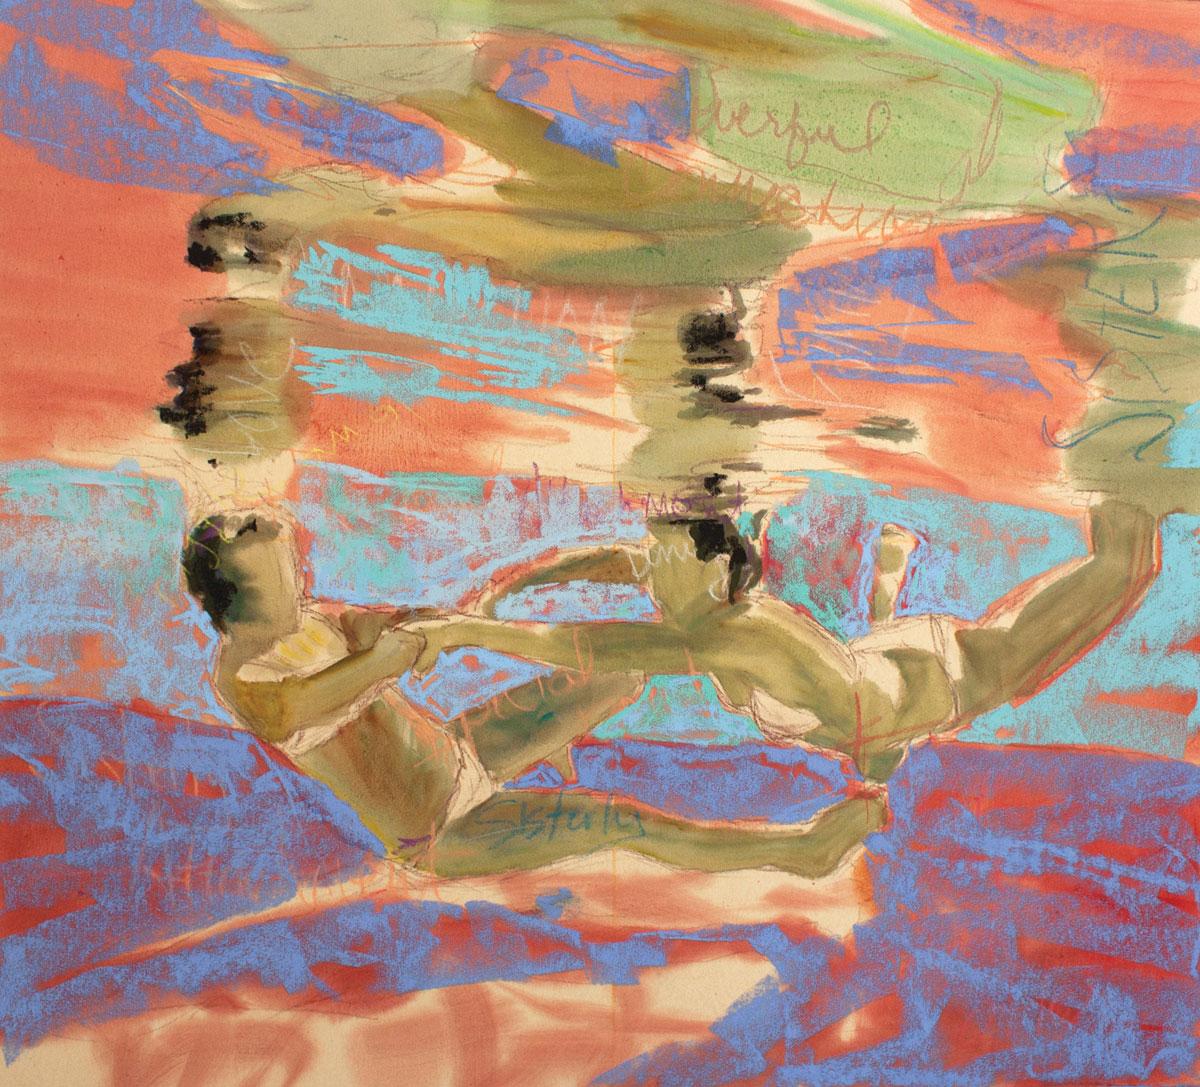 Poirier-Mozzone-underwater-scenes-Alliance-Step3-ArtistsNetwork